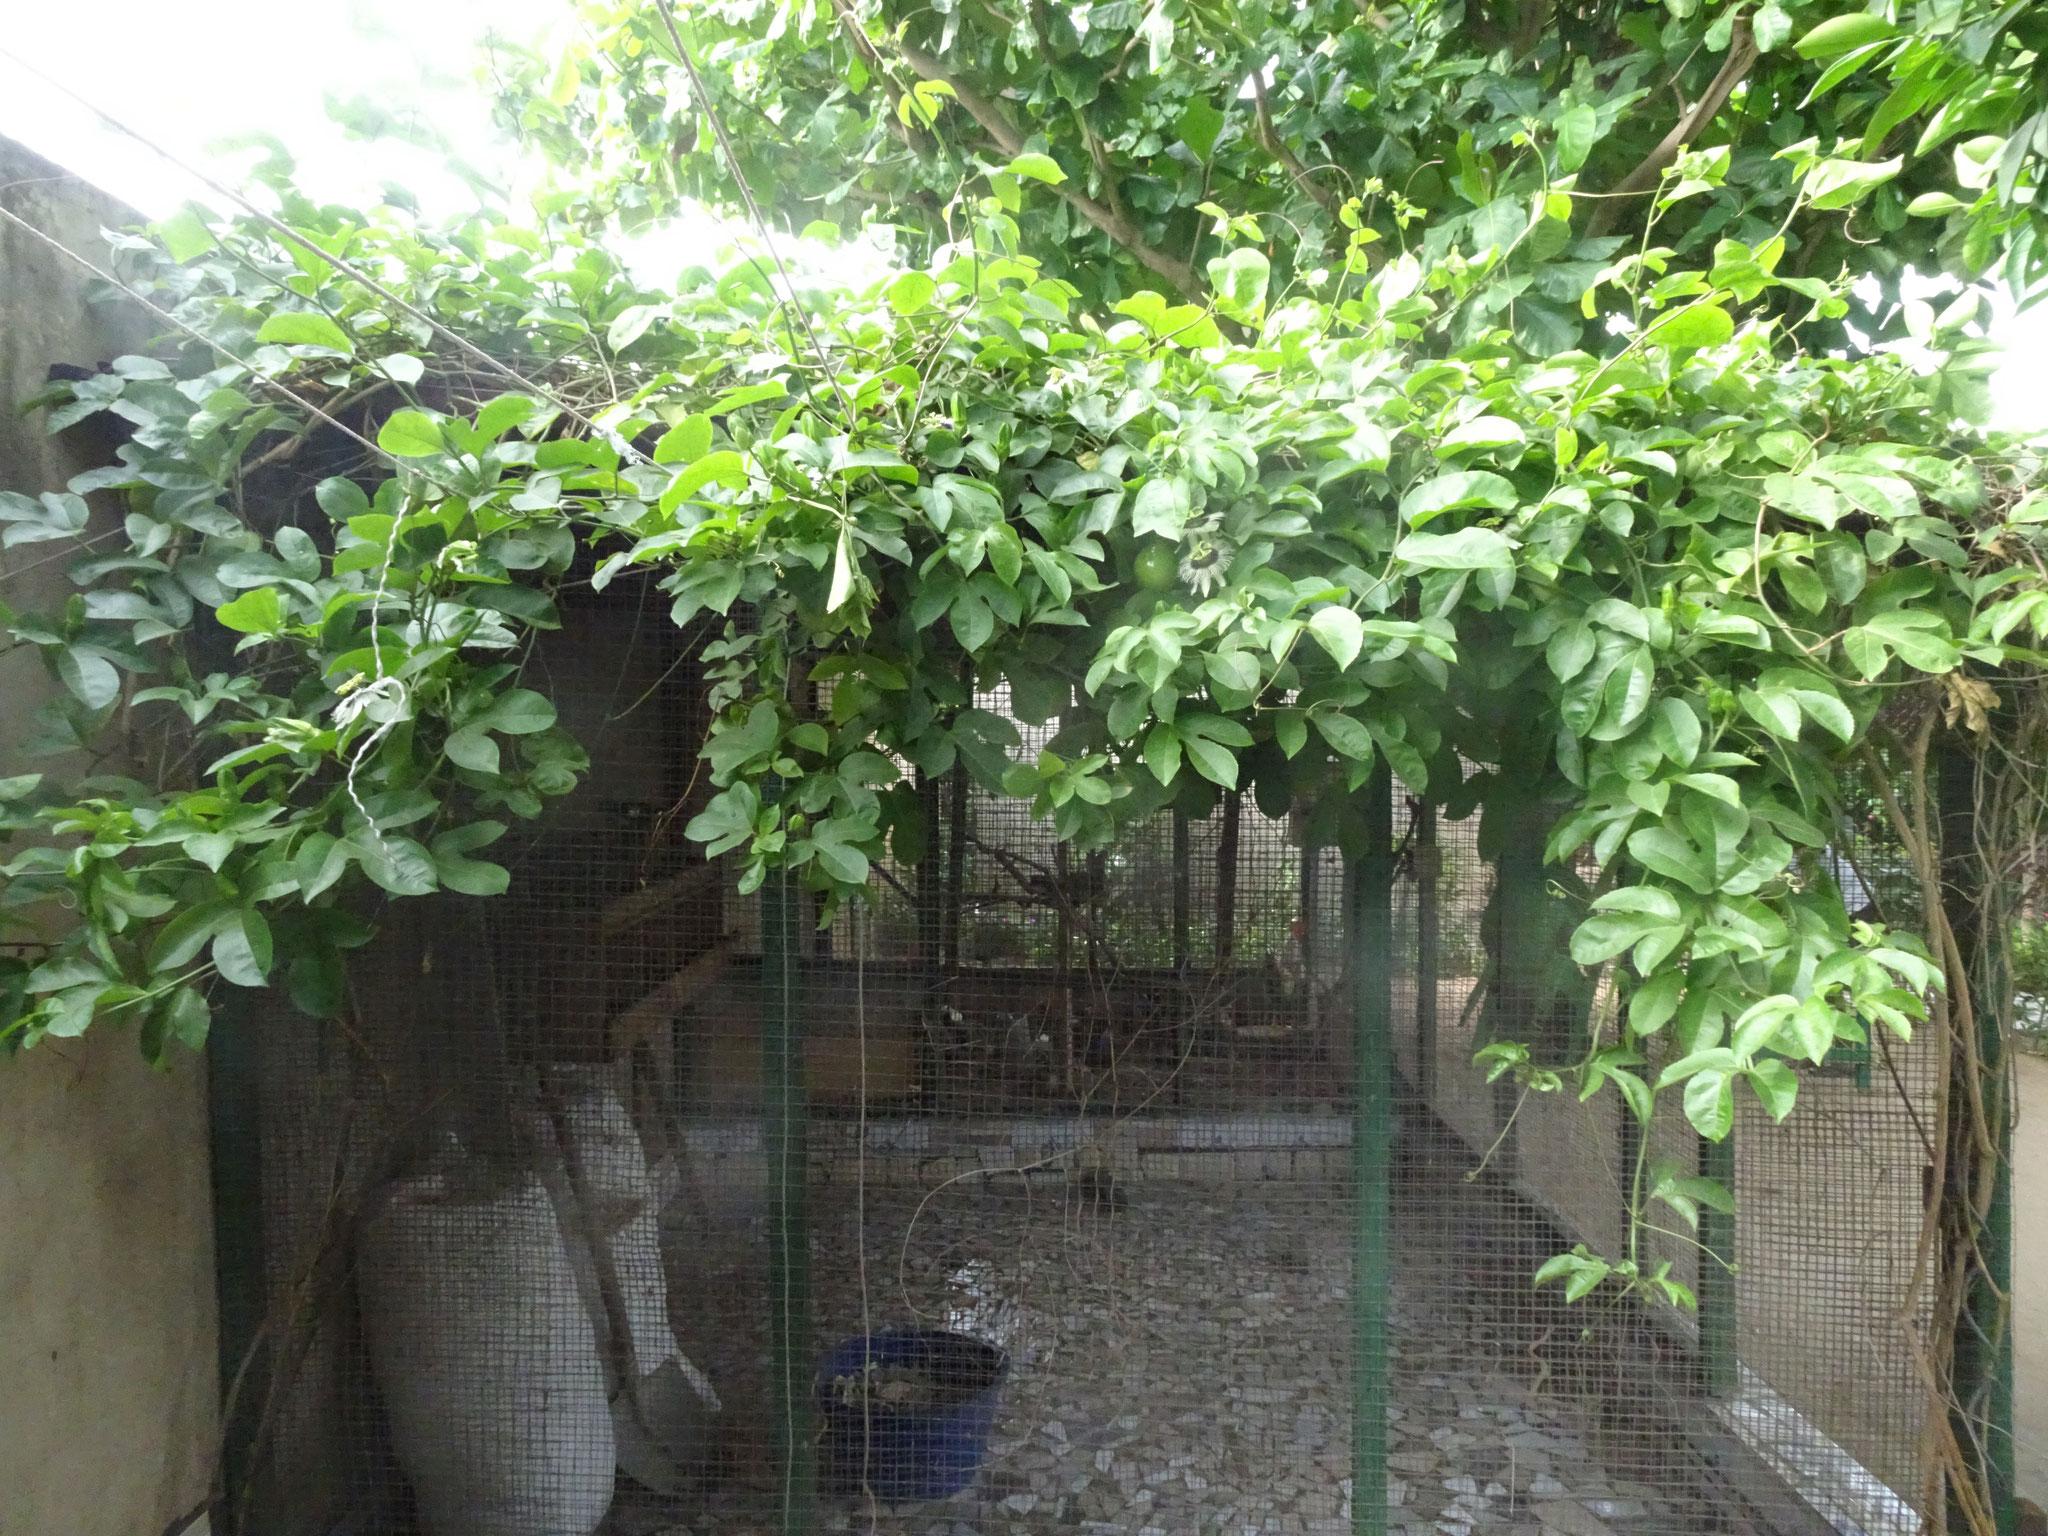 Weil das Hühnerhaus komplet gedeckt ist mit der Passionsfrucht, konnten wir es nicht abreissen.